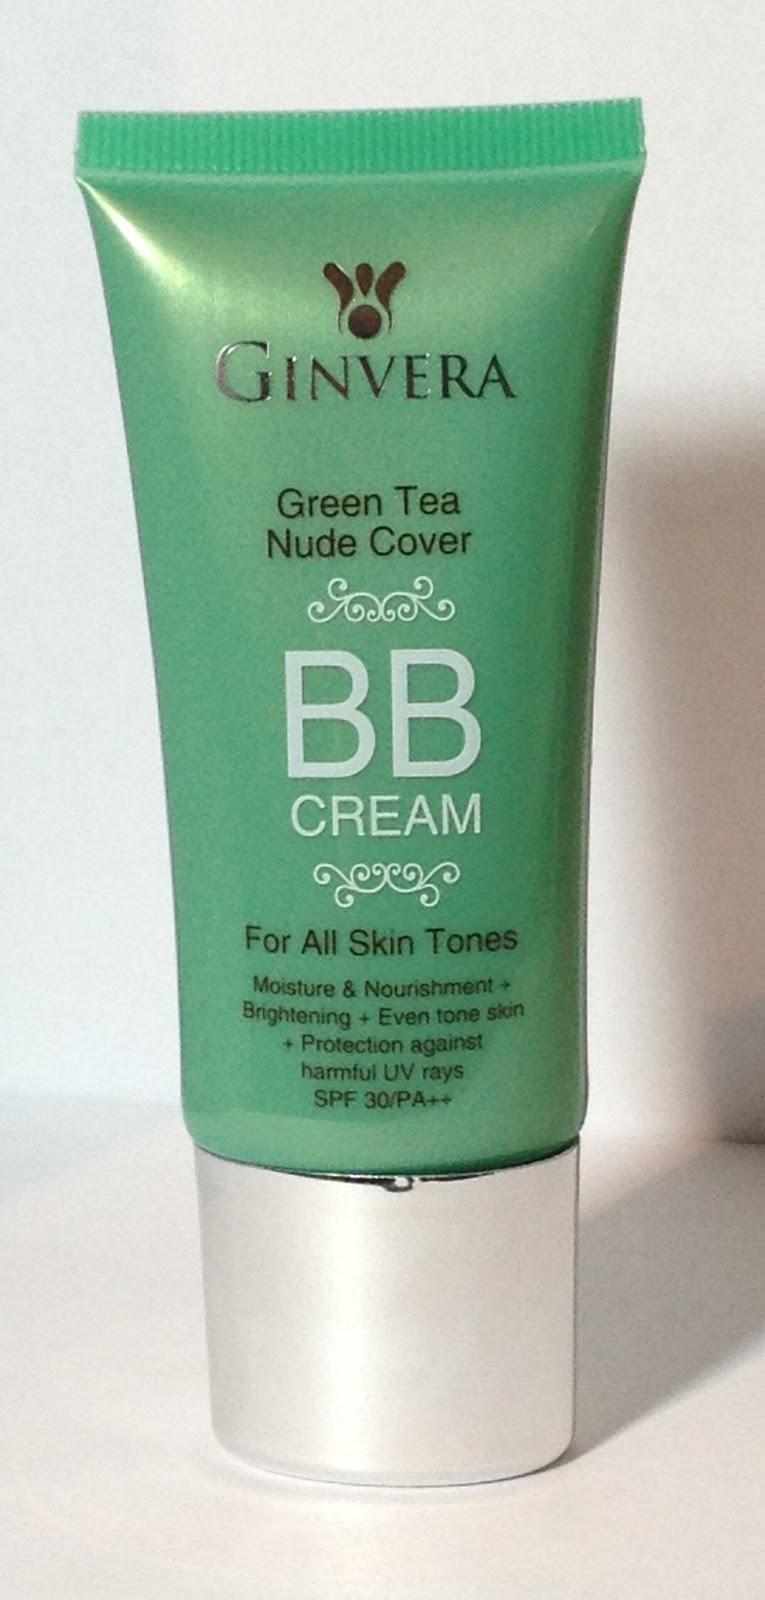 Ginvera - Green Tea Nude Cover BB Cream reviews, photos